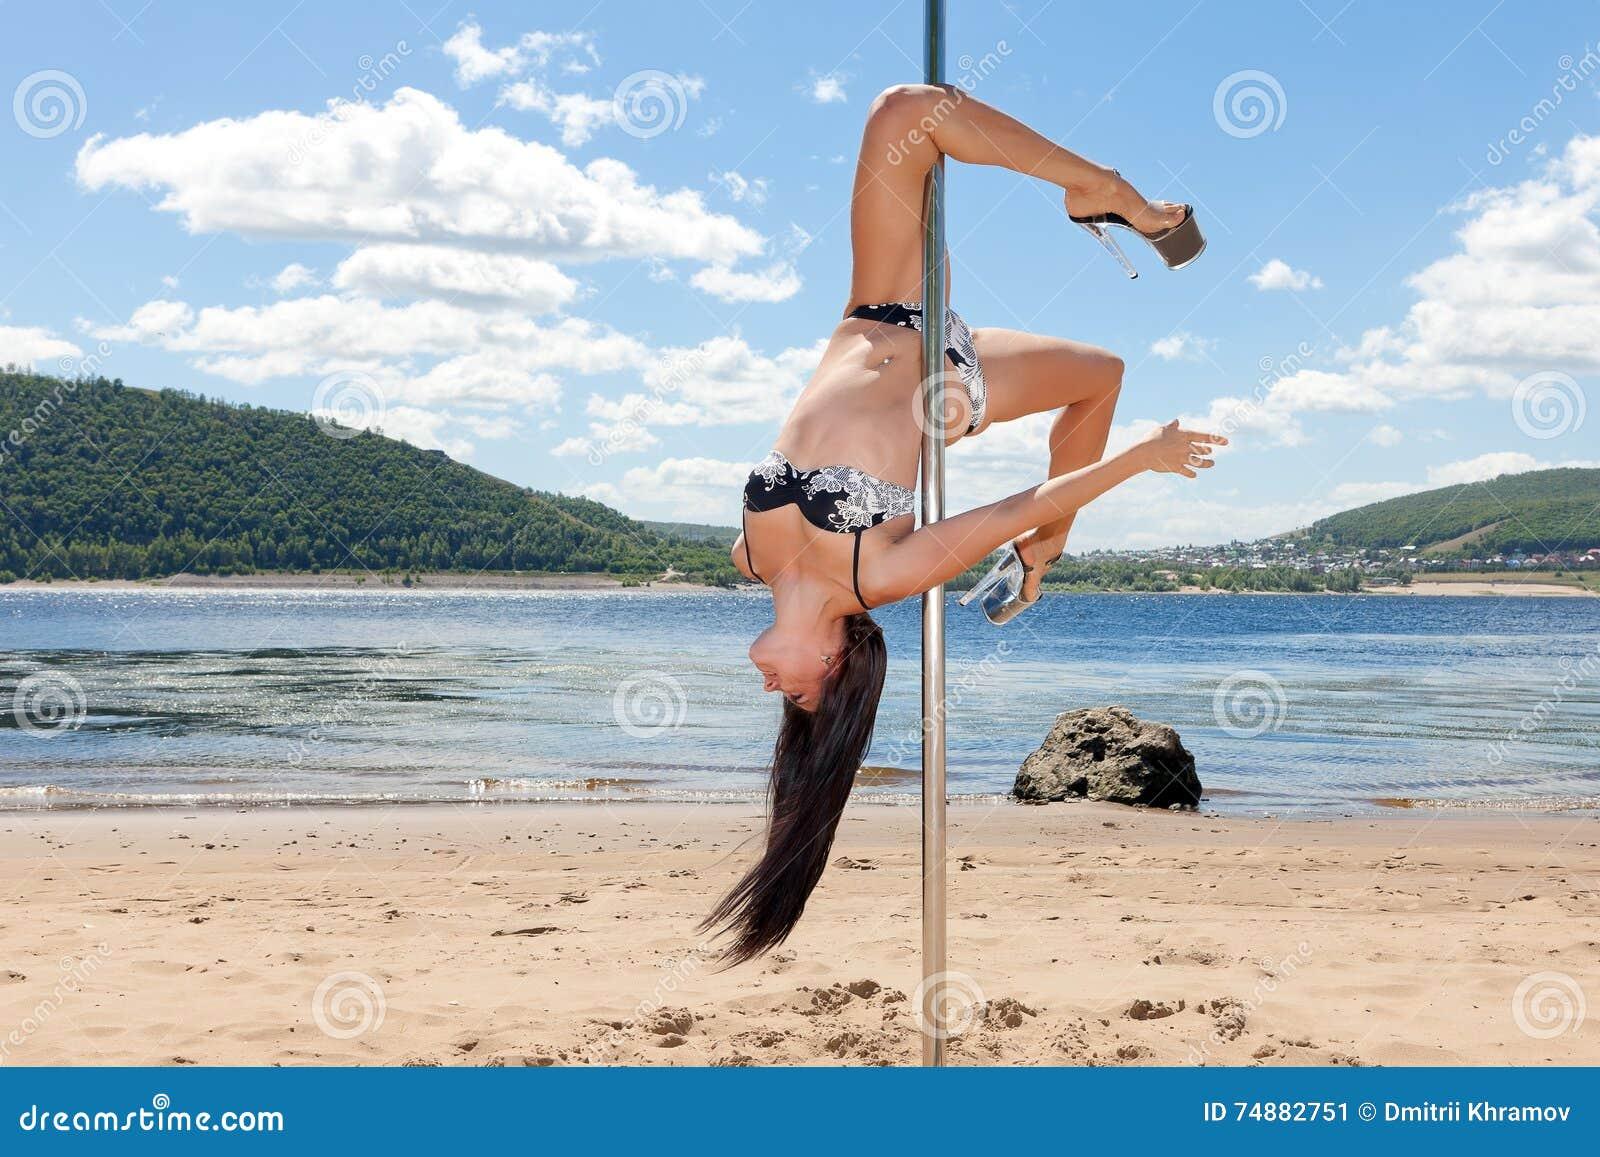 Dançarino no fundo de cabeça para baixo do polo da praia do verão e do céu azul